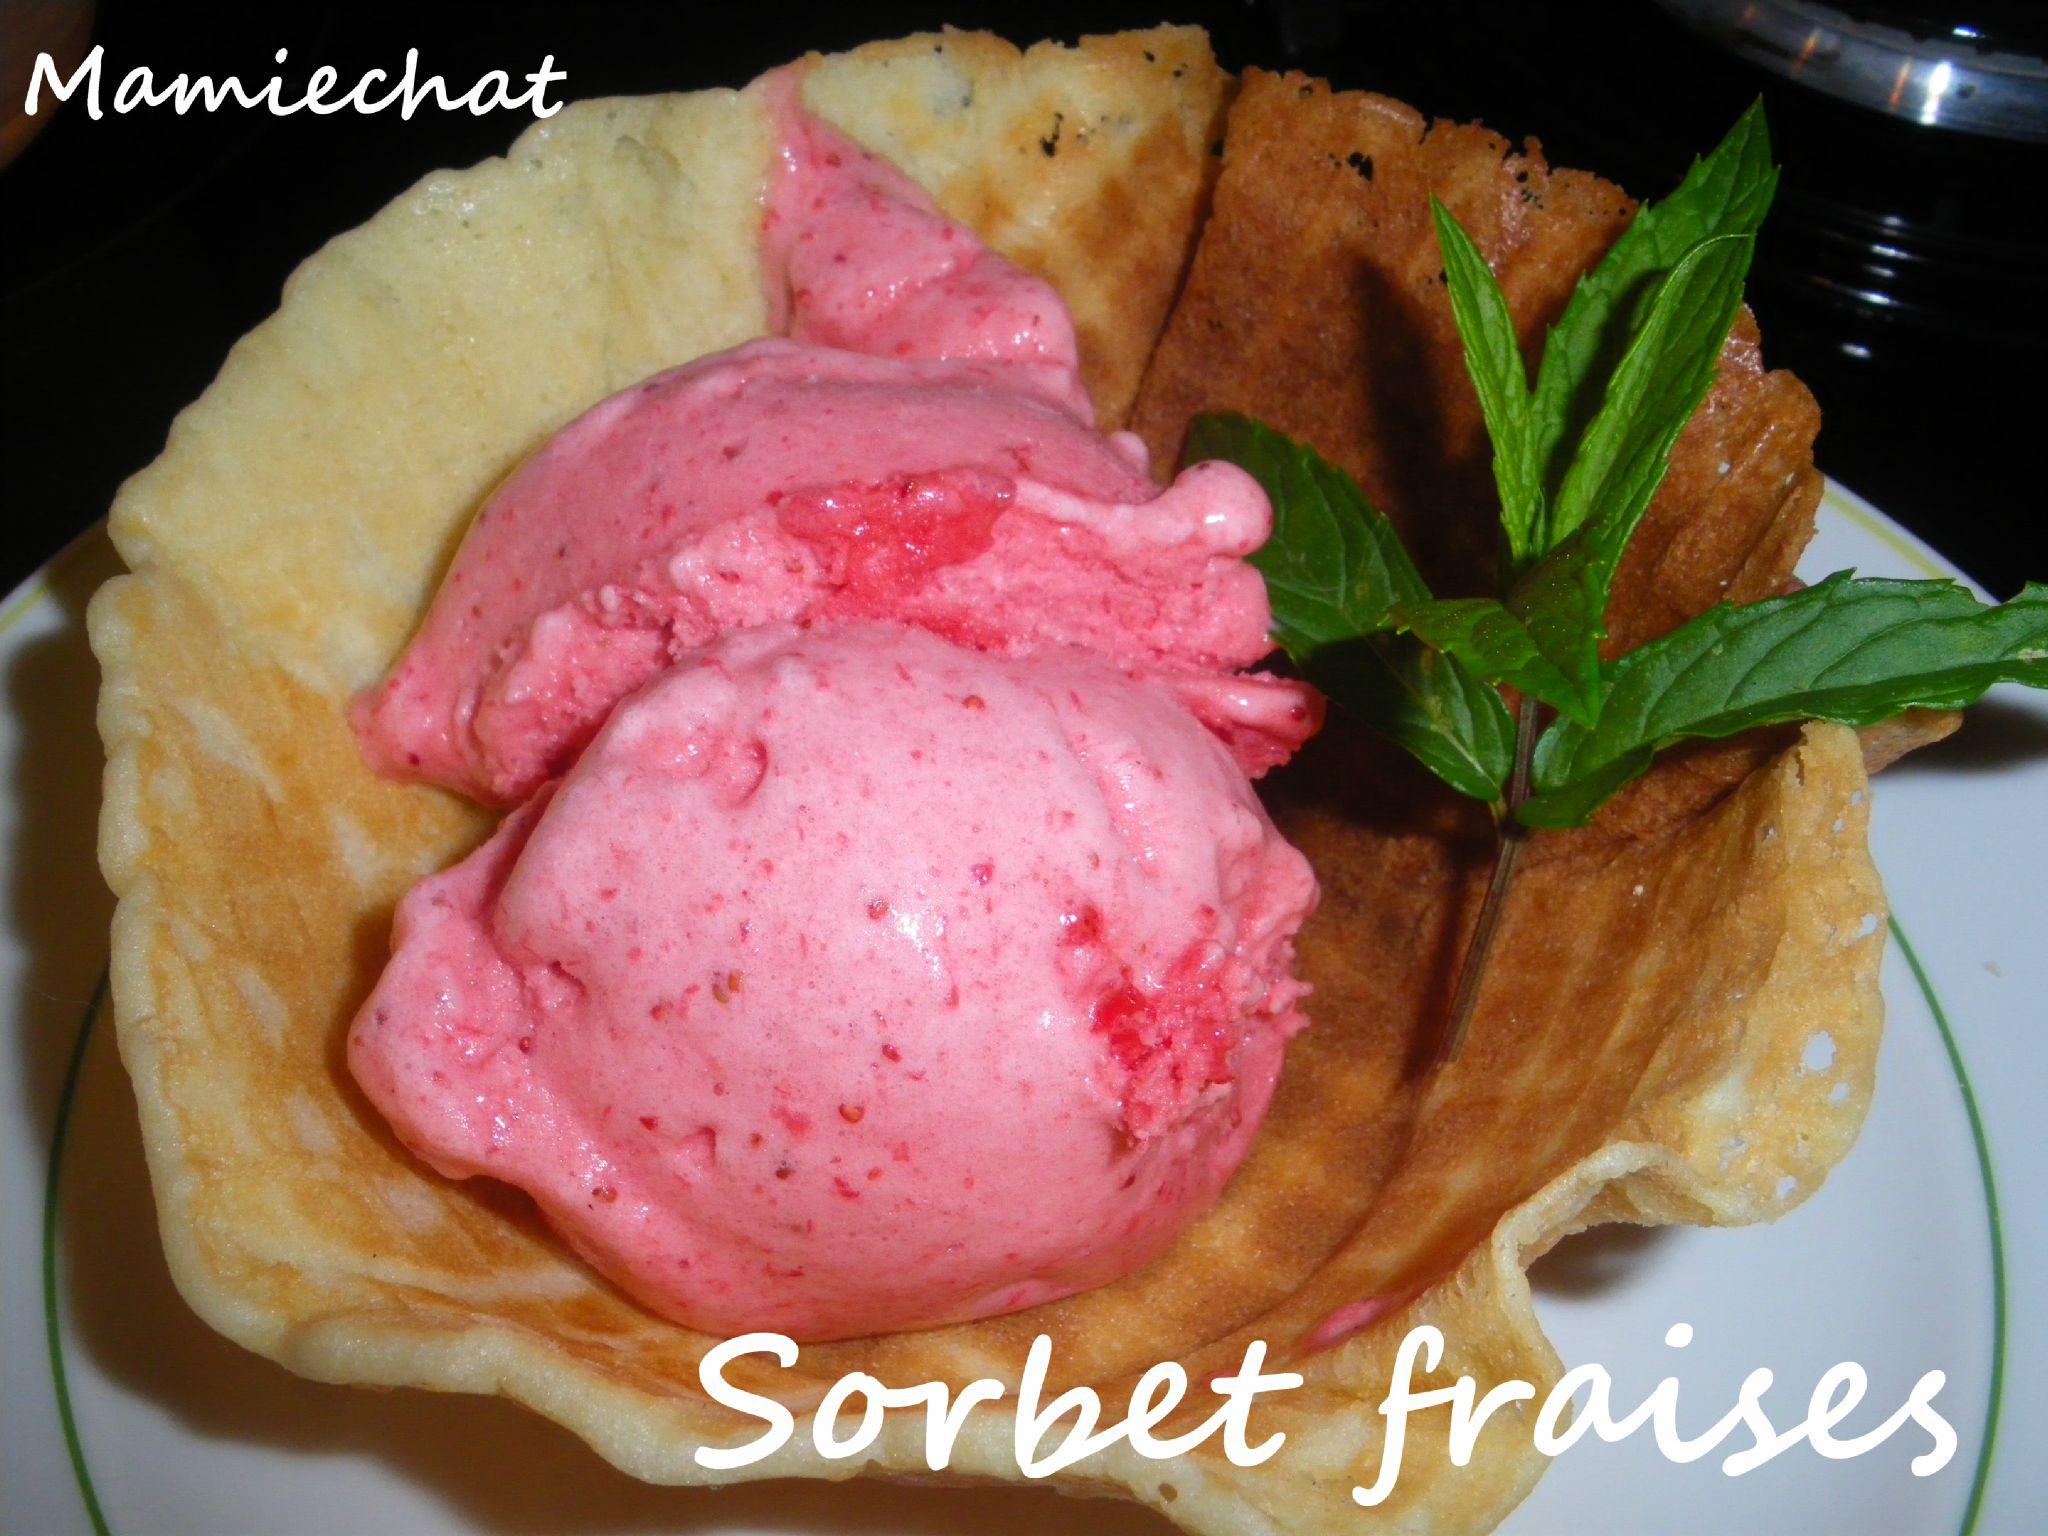 Sorbet fraises